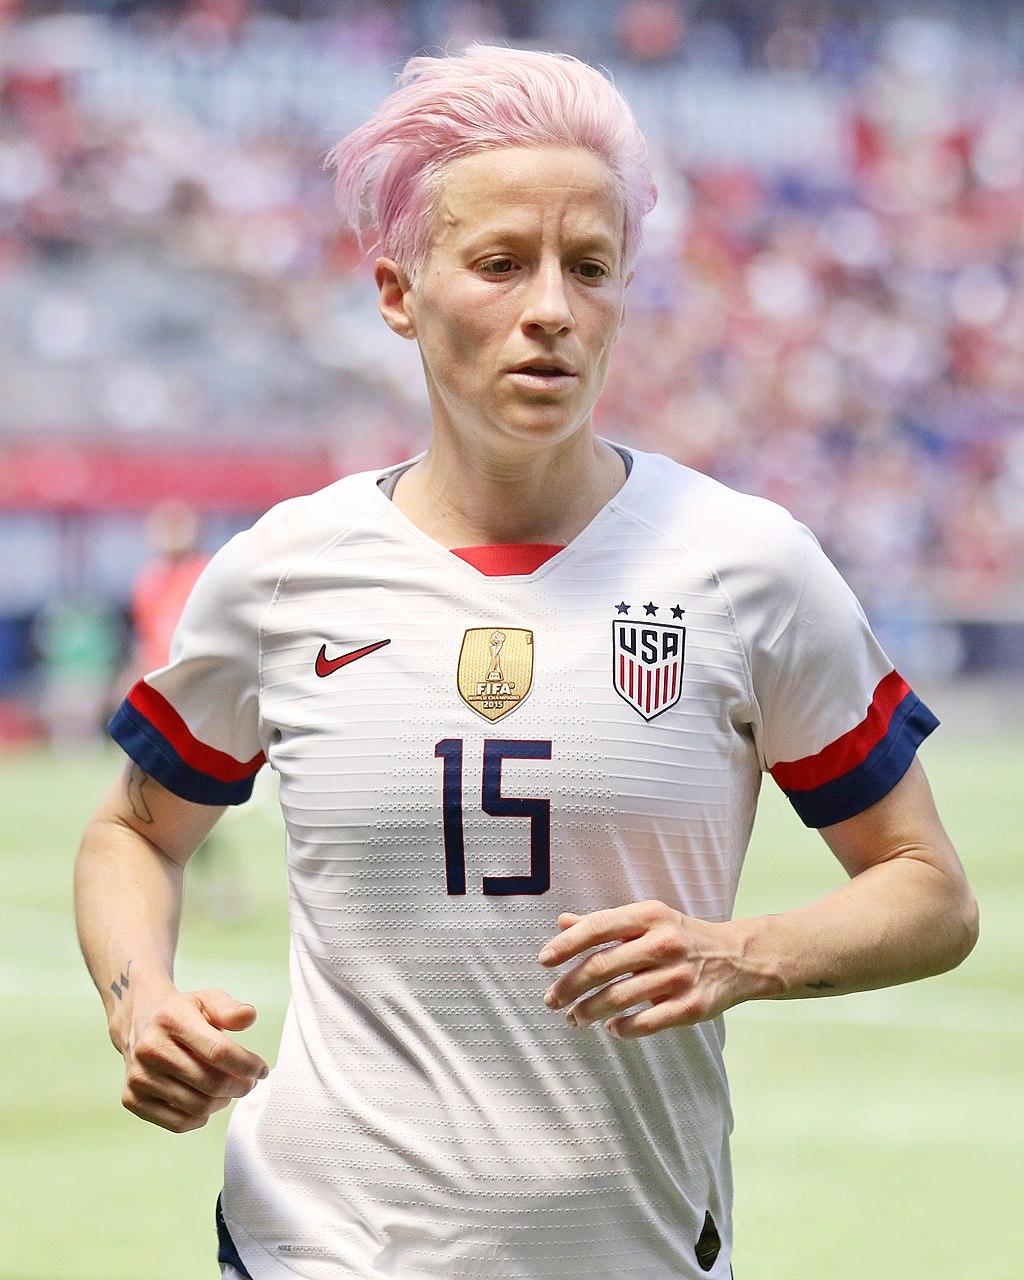 Megan Rapinoe corriendo en el campo de fútbol con la camiseta de la selección de fútbol estadounidense.